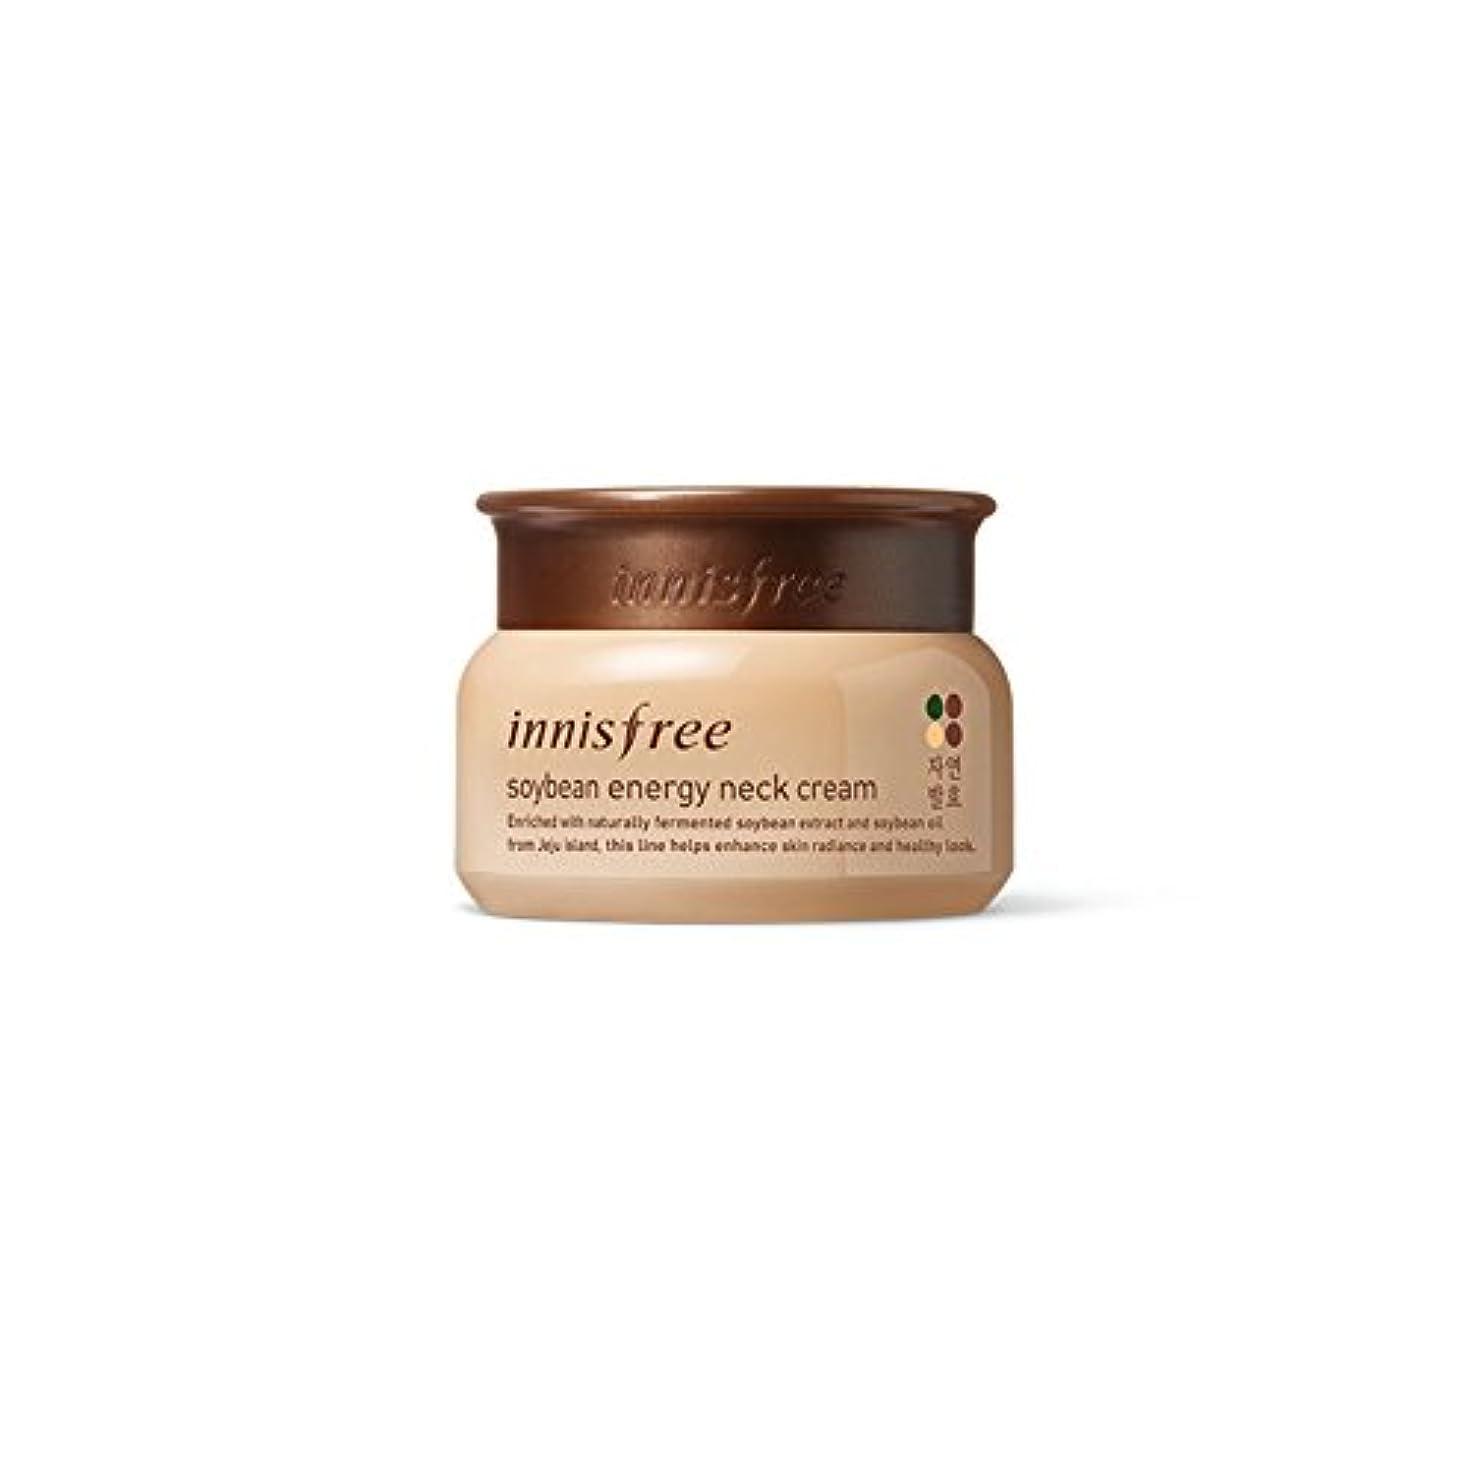 腰追加する裁判官[イニスフリー] Innisfree 発酵大豆エネジネッククリーム (80ml) Innisfree Soy Bean Energy Neck Cream (80ml) [海外直送品]